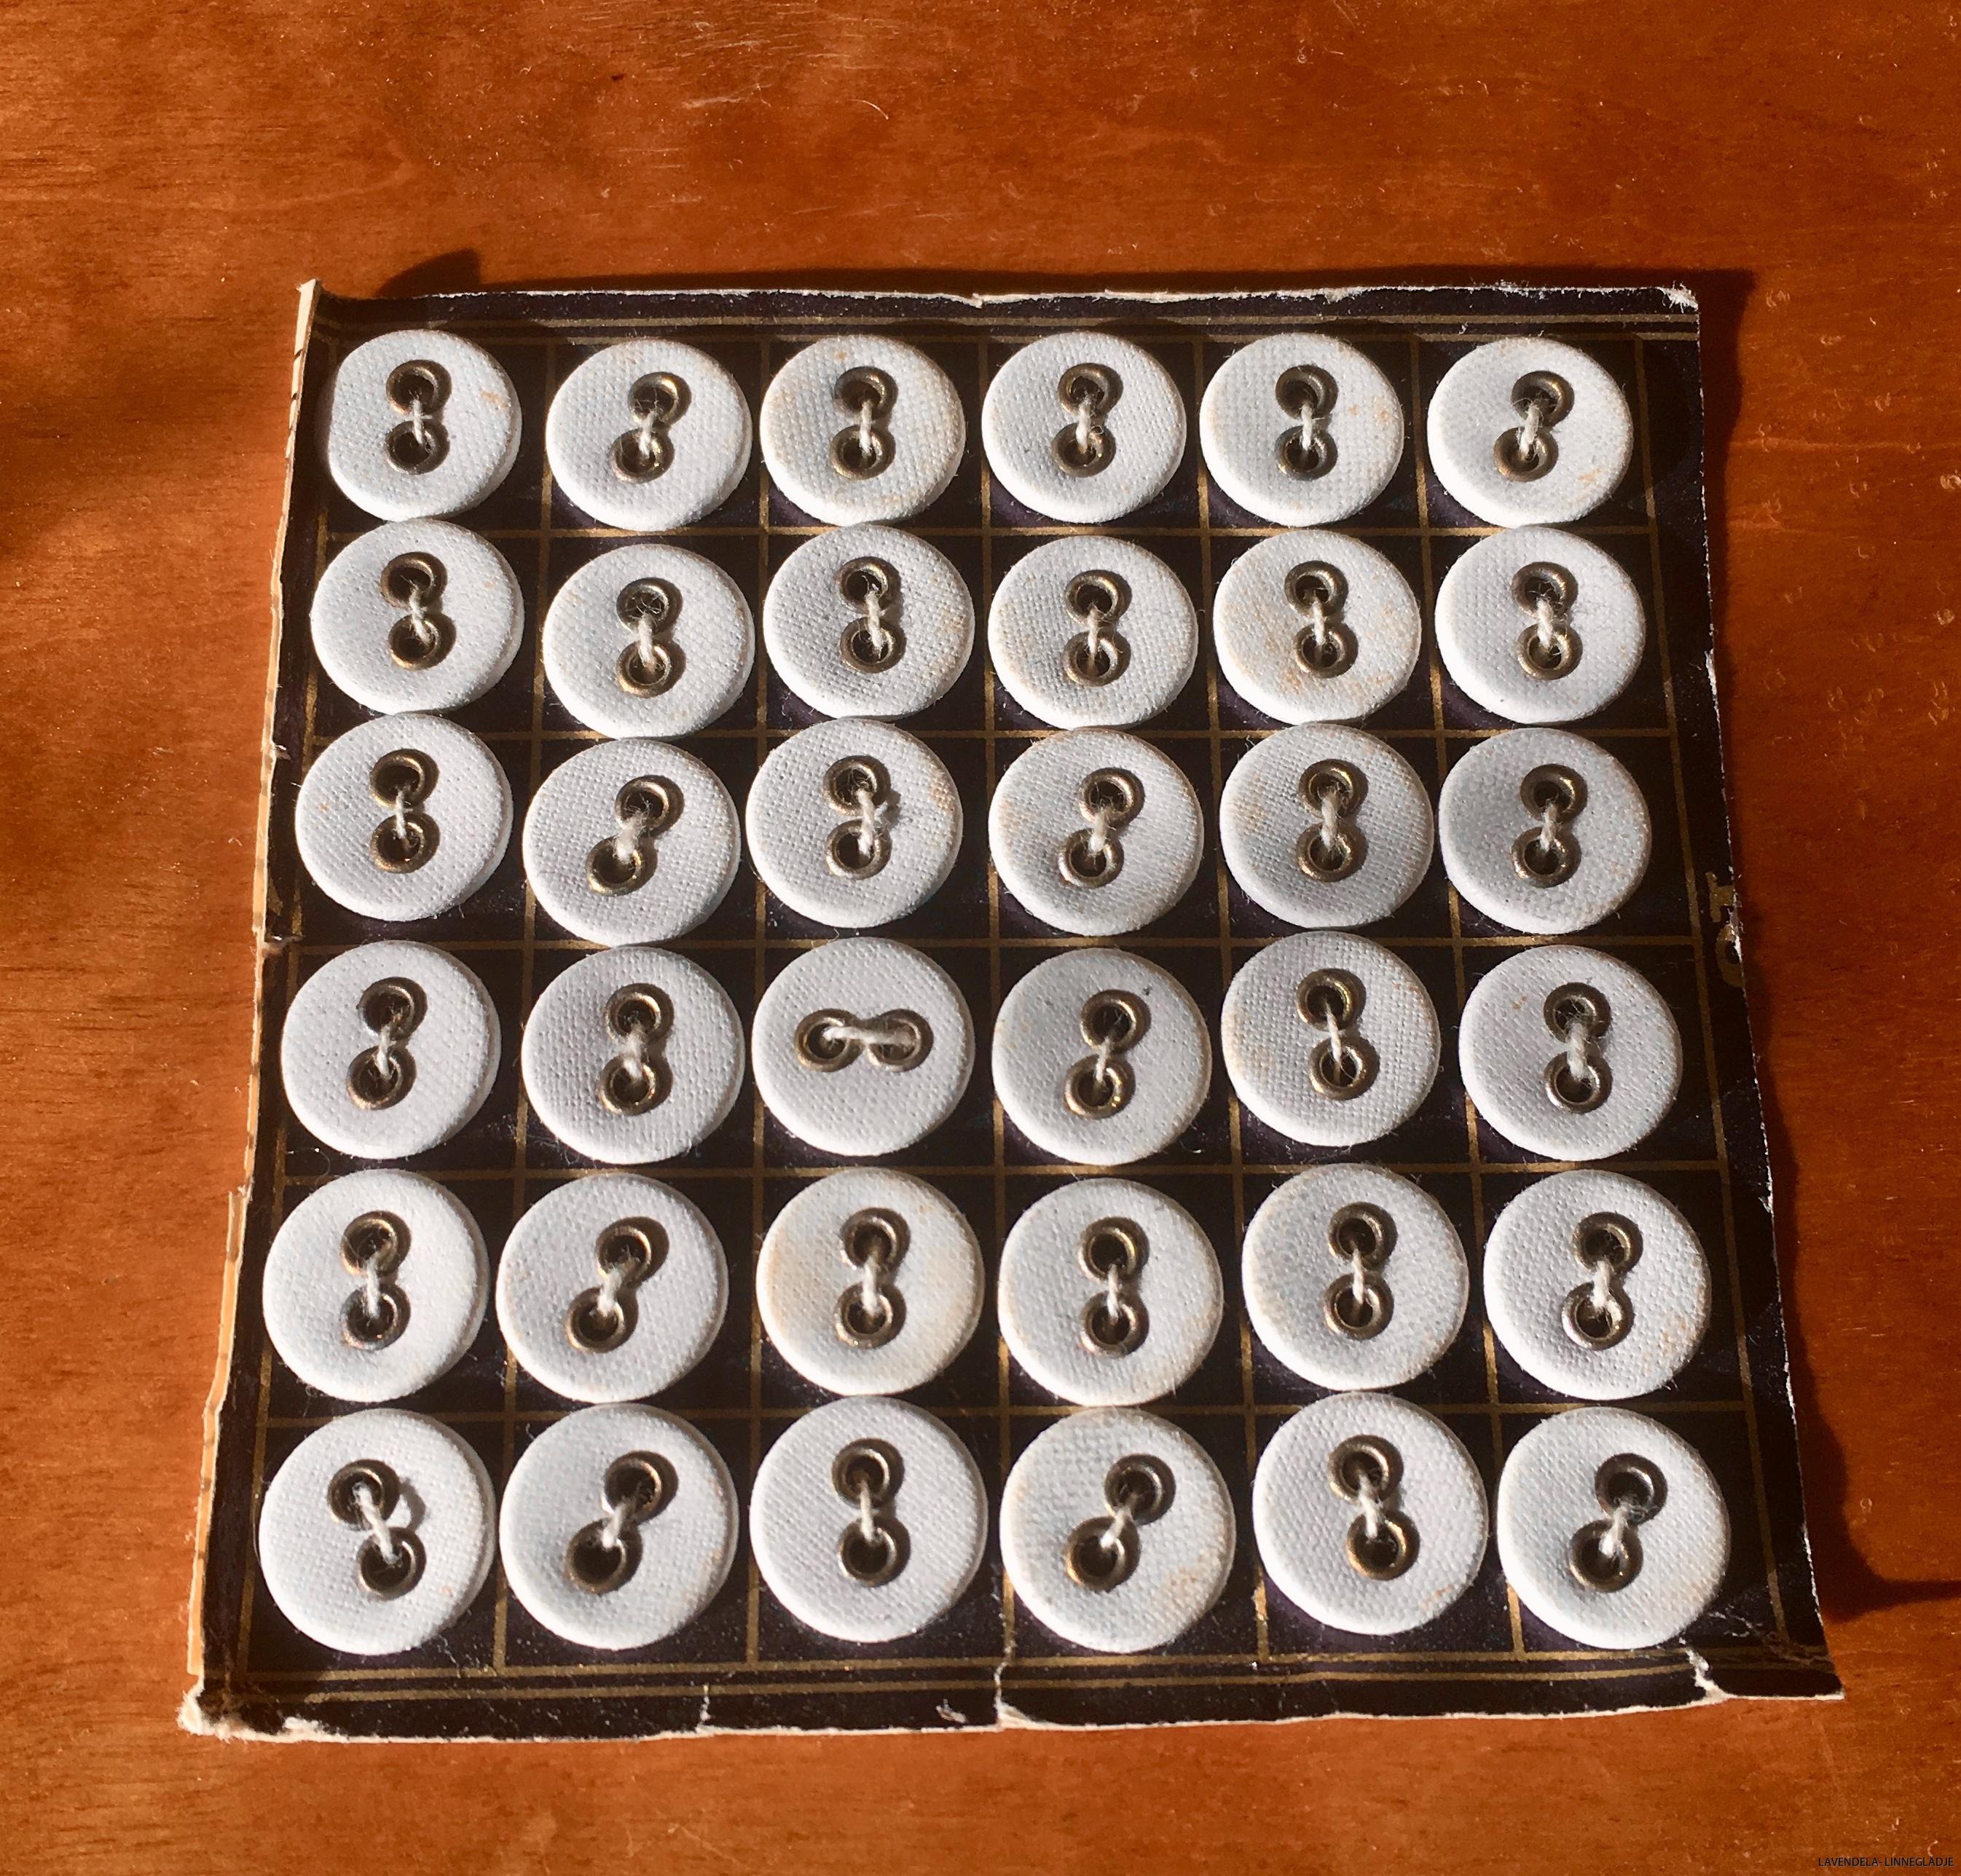 37 tygknappar